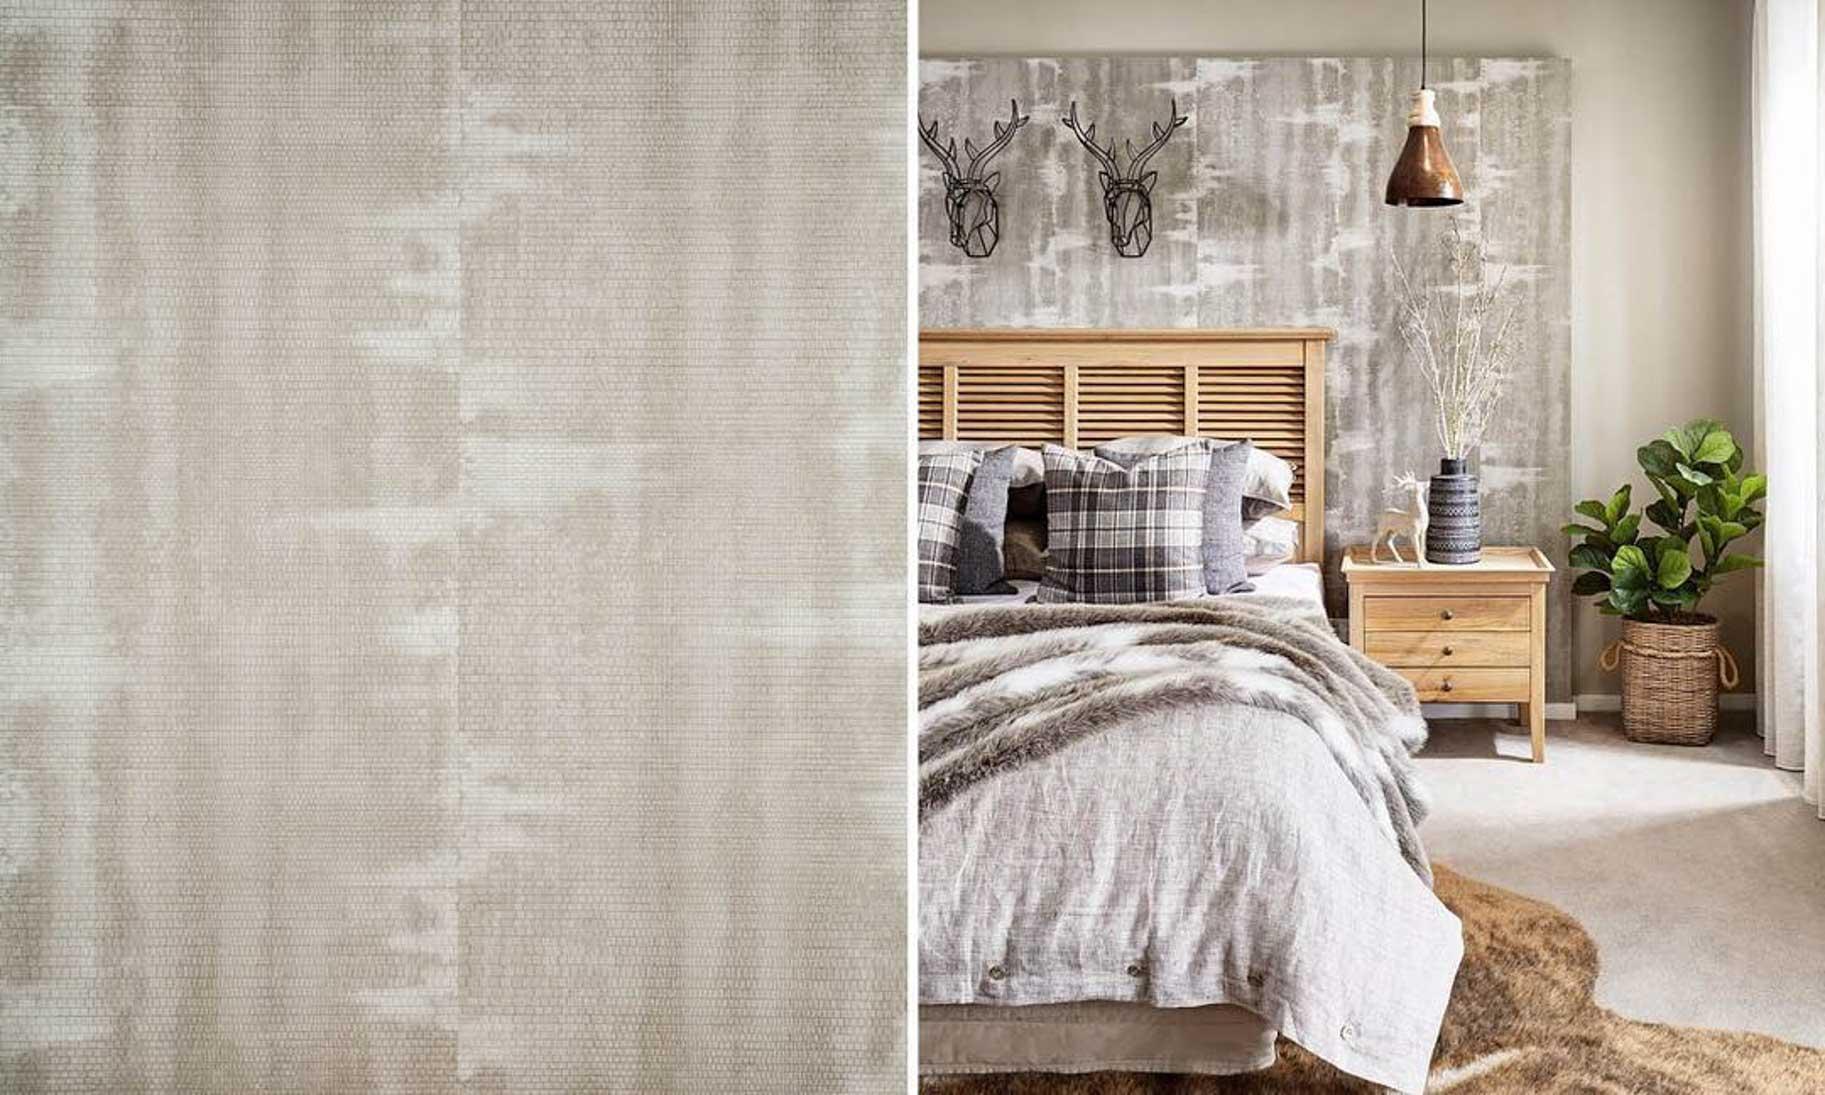 25 Motif Wallpaper Dinding Kamar Dan Tips Perawatannya